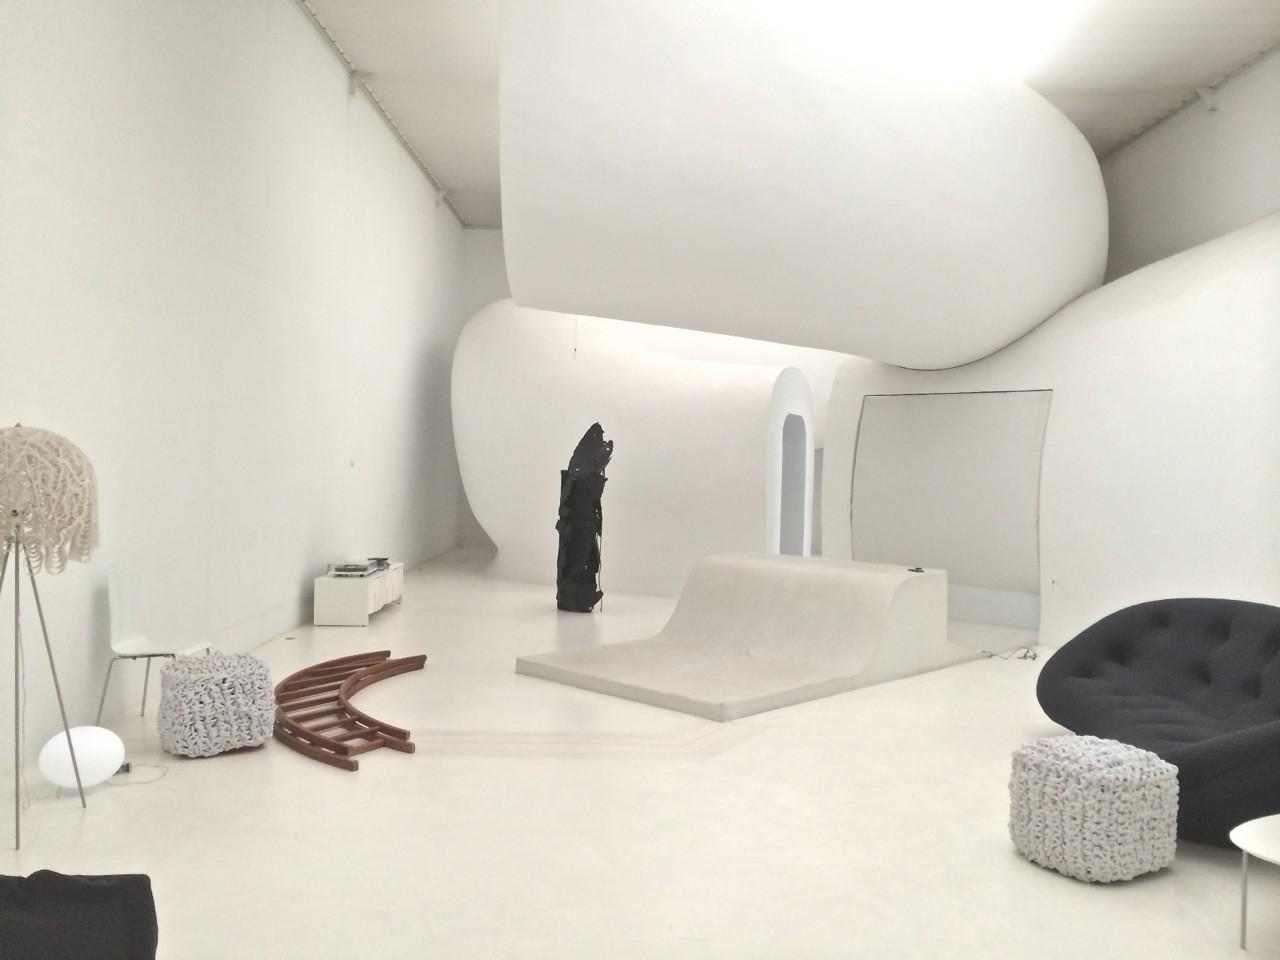 Location de studios pour séances de photos professionnelles à Paris